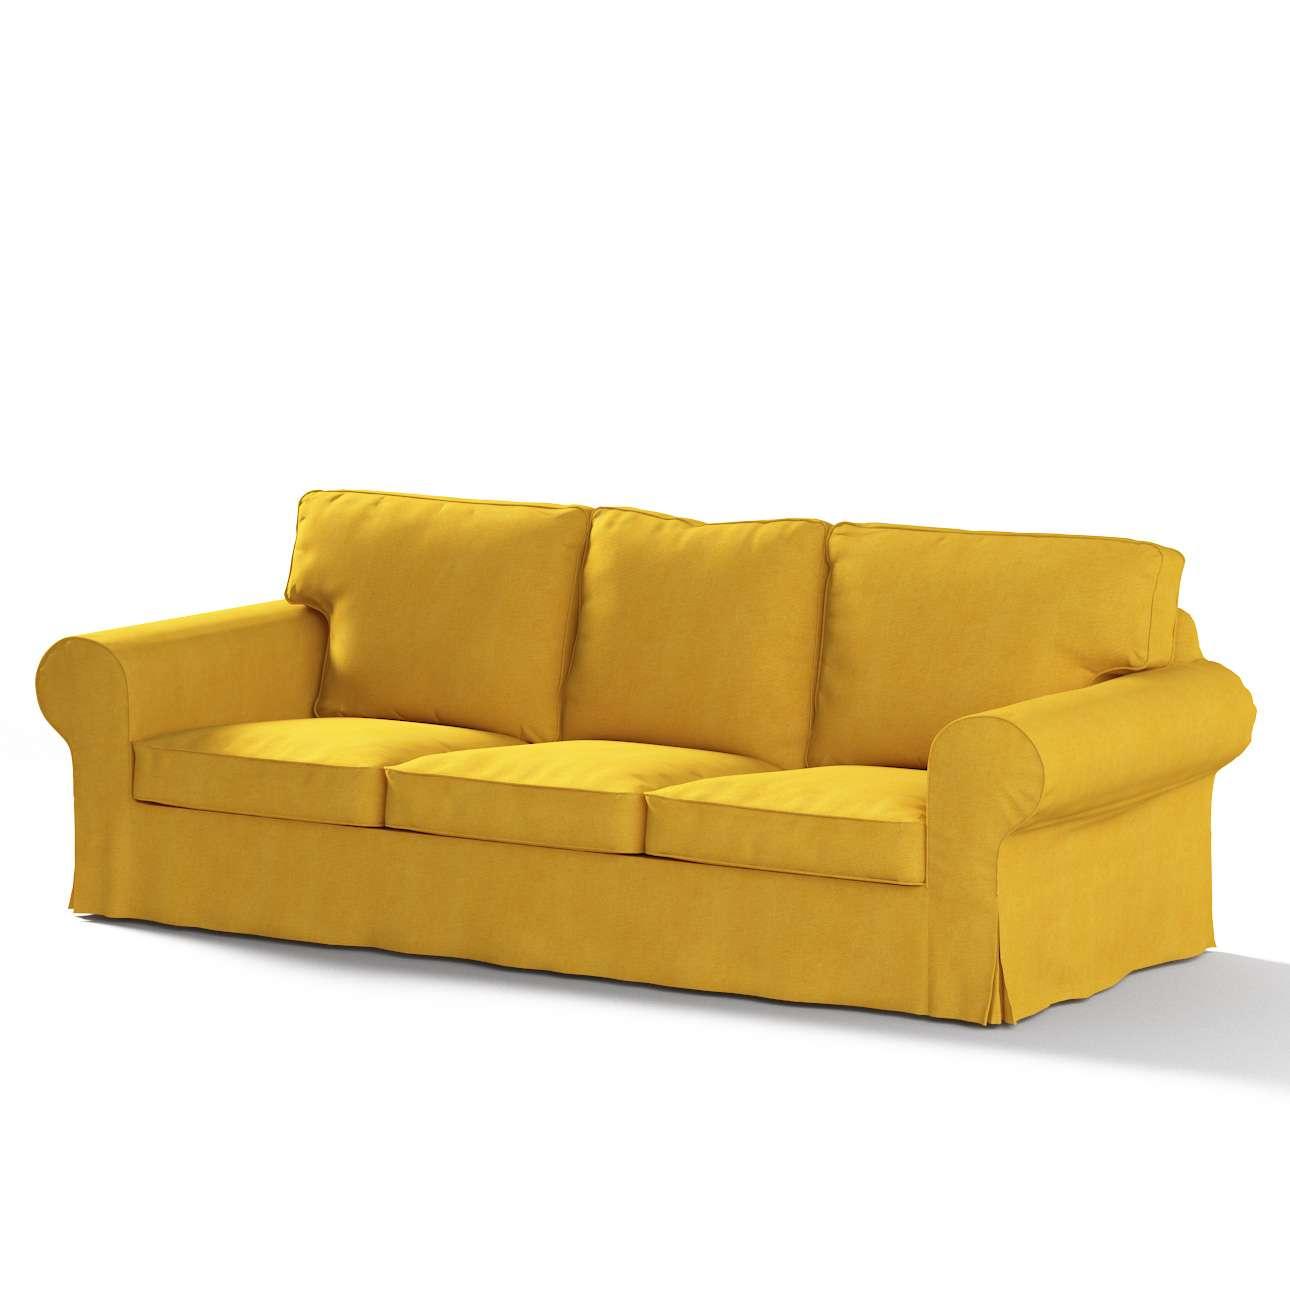 Pokrowiec na sofę Ektorp 3-osobową, rozkładaną STARY MODEL w kolekcji Etna , tkanina: 705-04